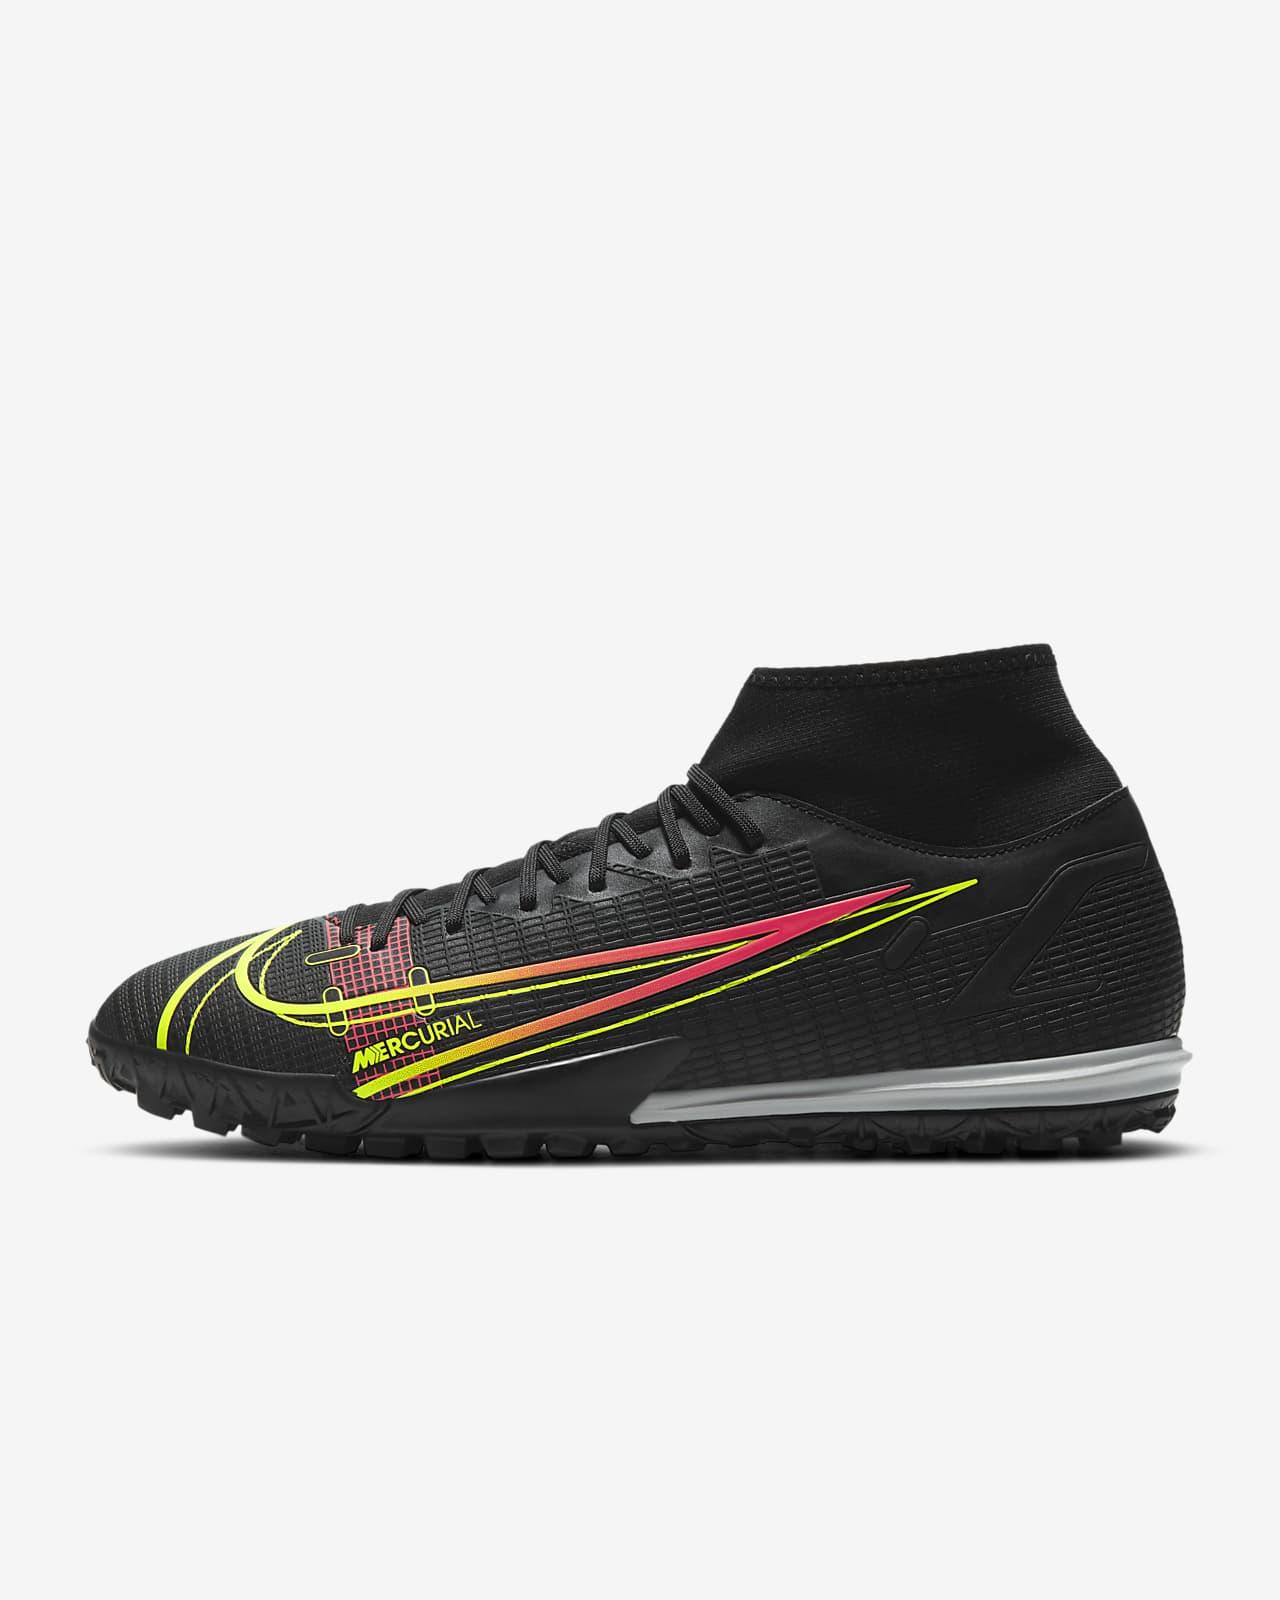 Nike Mercurial Superfly 8 Academy TF Voetbalschoen (turf)